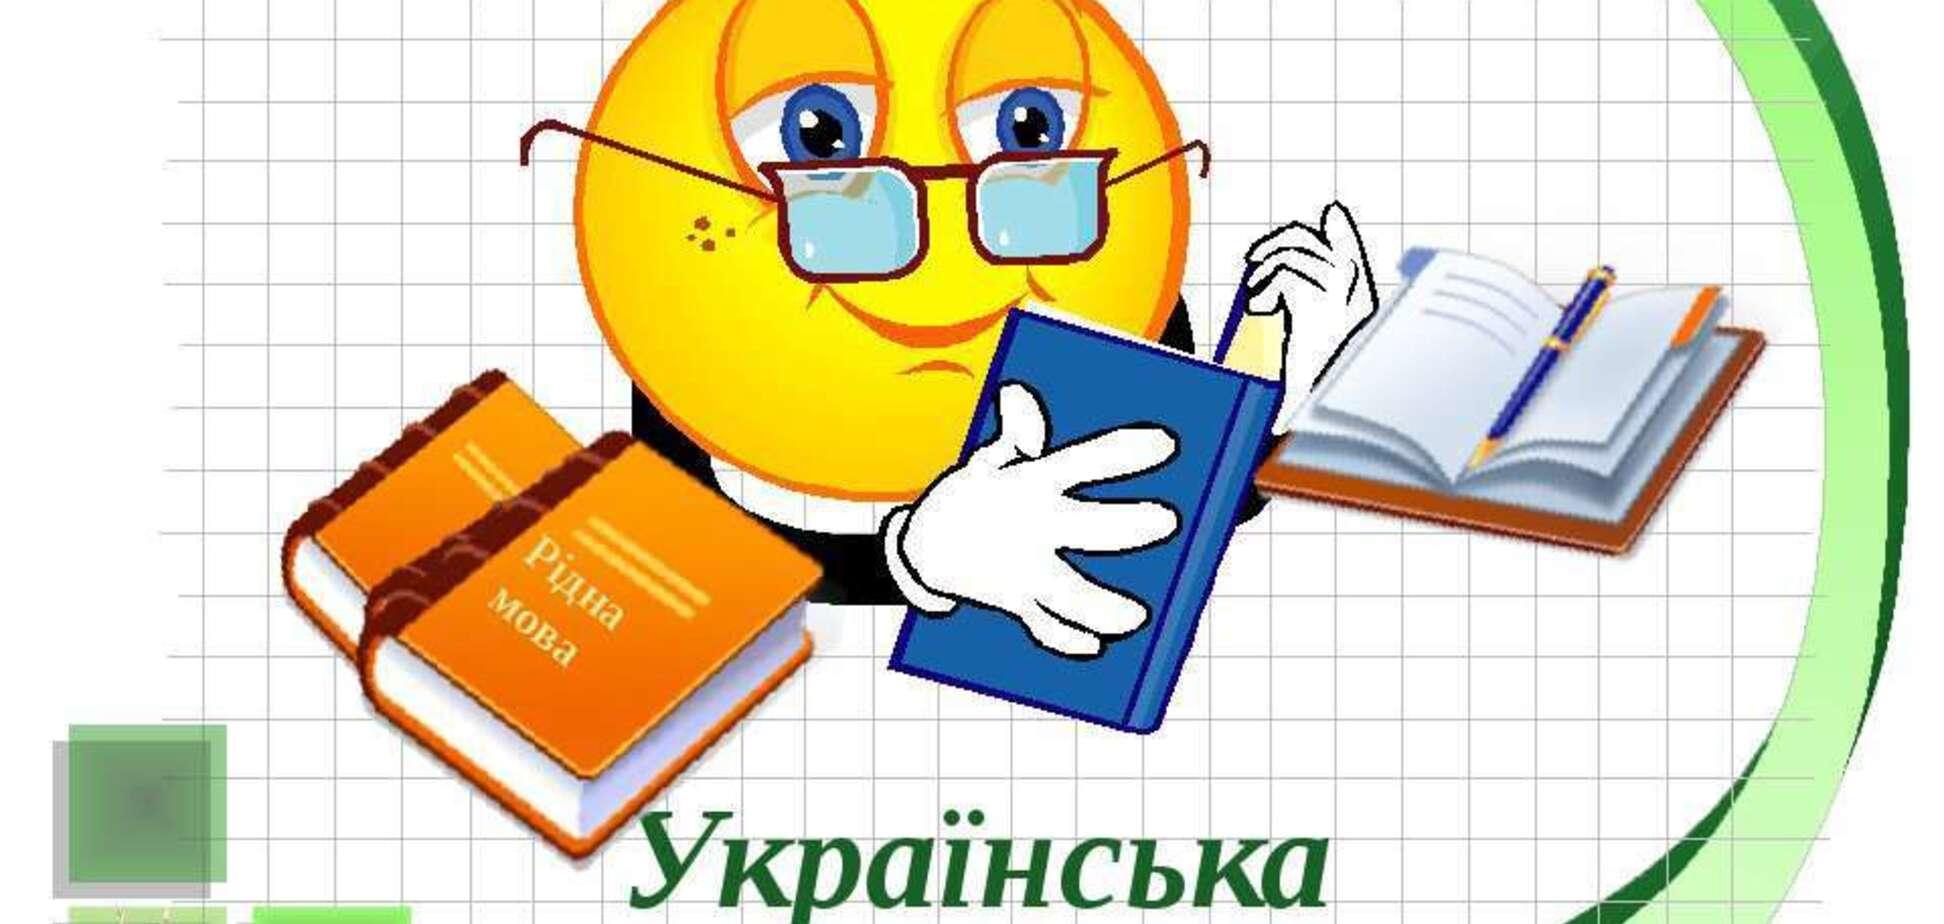 Увесь публічний простір має бути виключно на українській